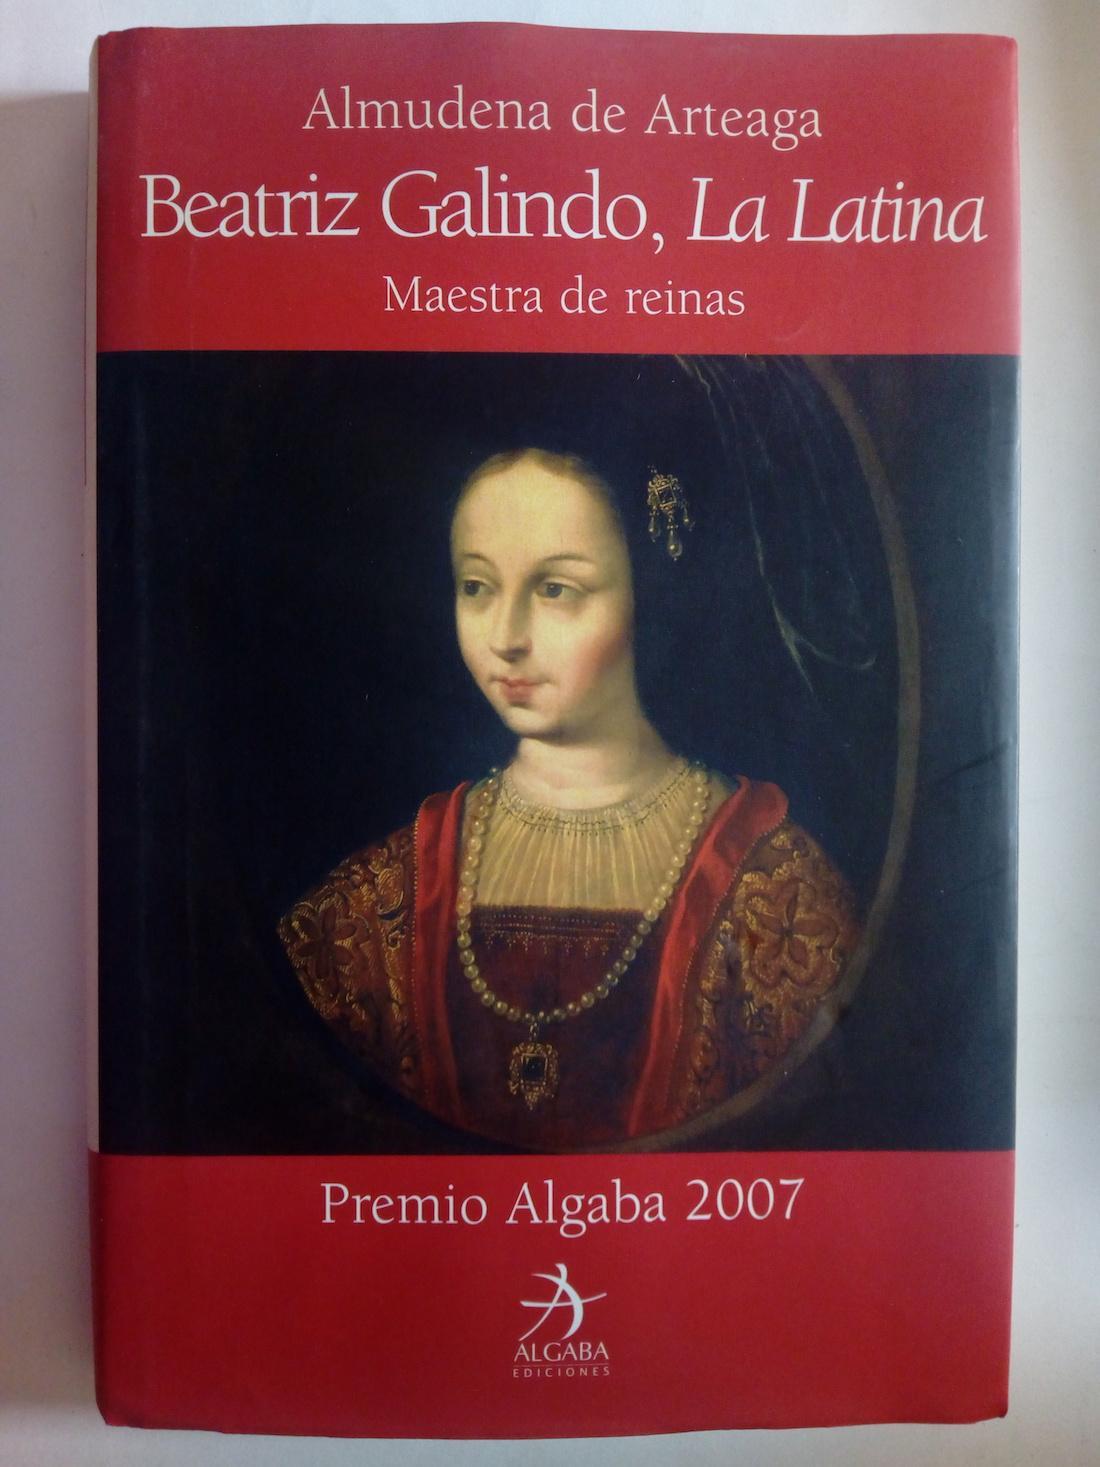 Beatriz Galindo, La Latina. Maestra de reinas - Almudena de Arteaga